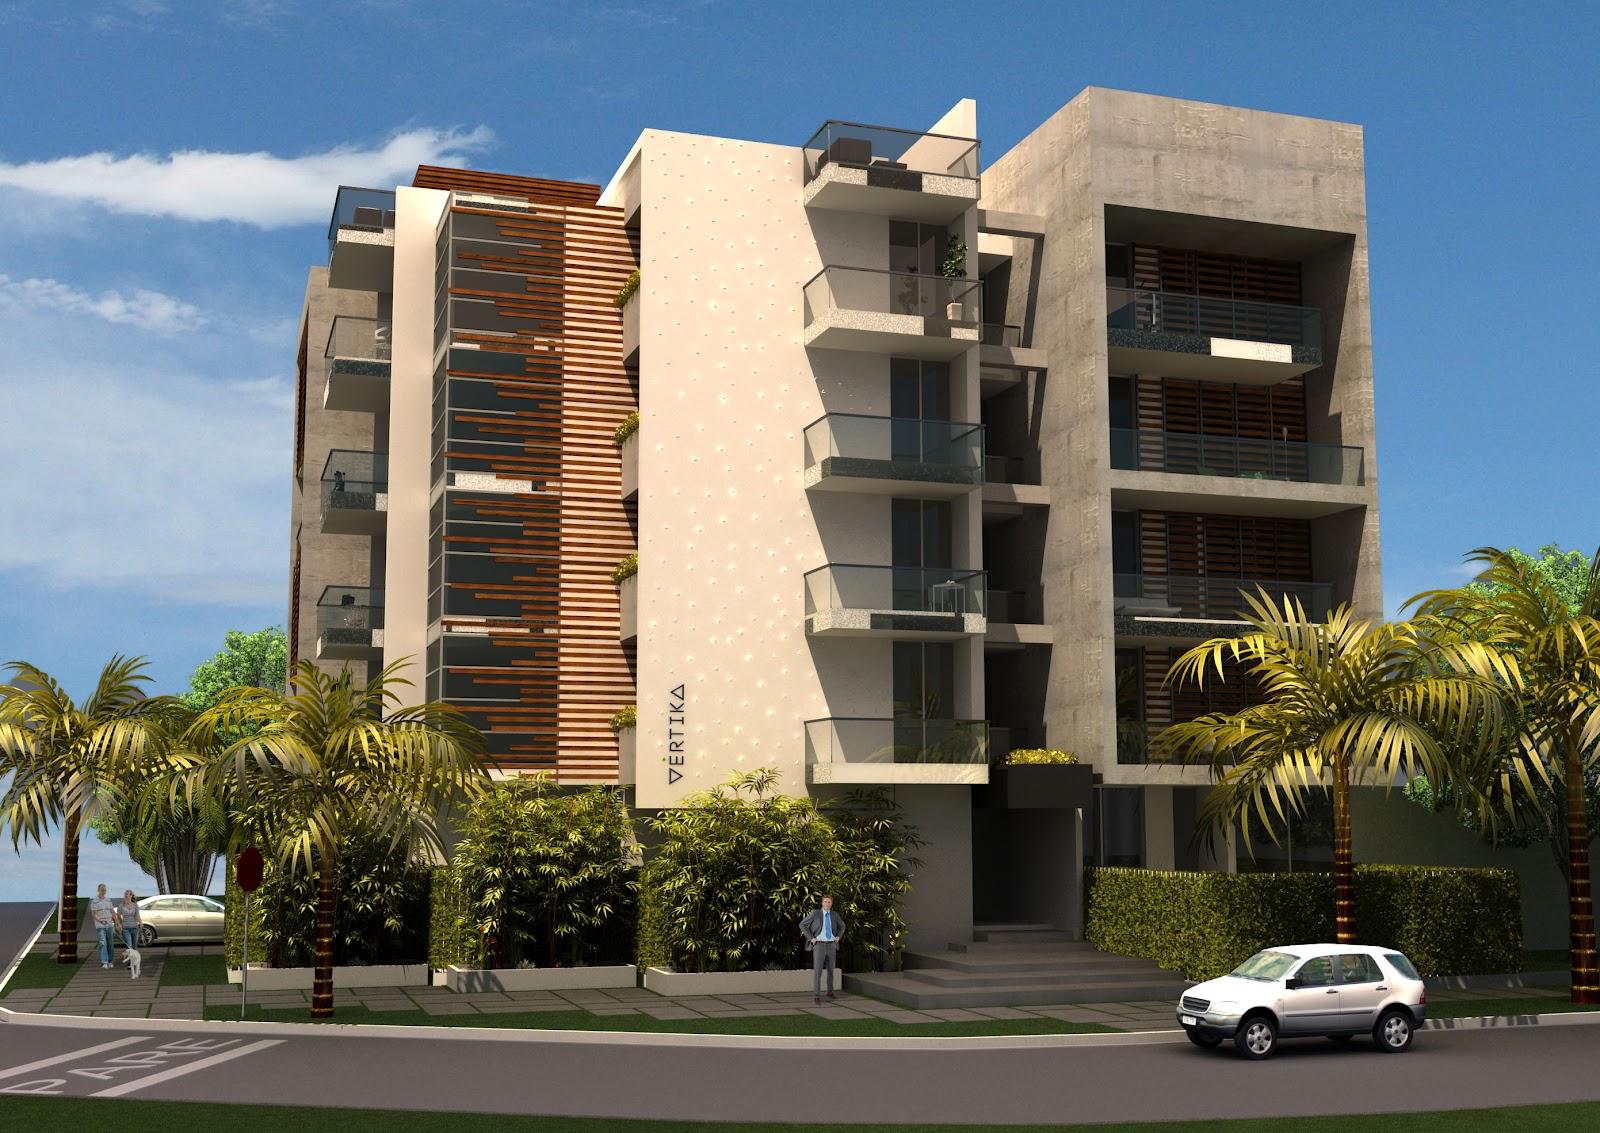 Diversificar s a constructora v rtika ultimo apartamento for Lo ultimo en pisos para casas